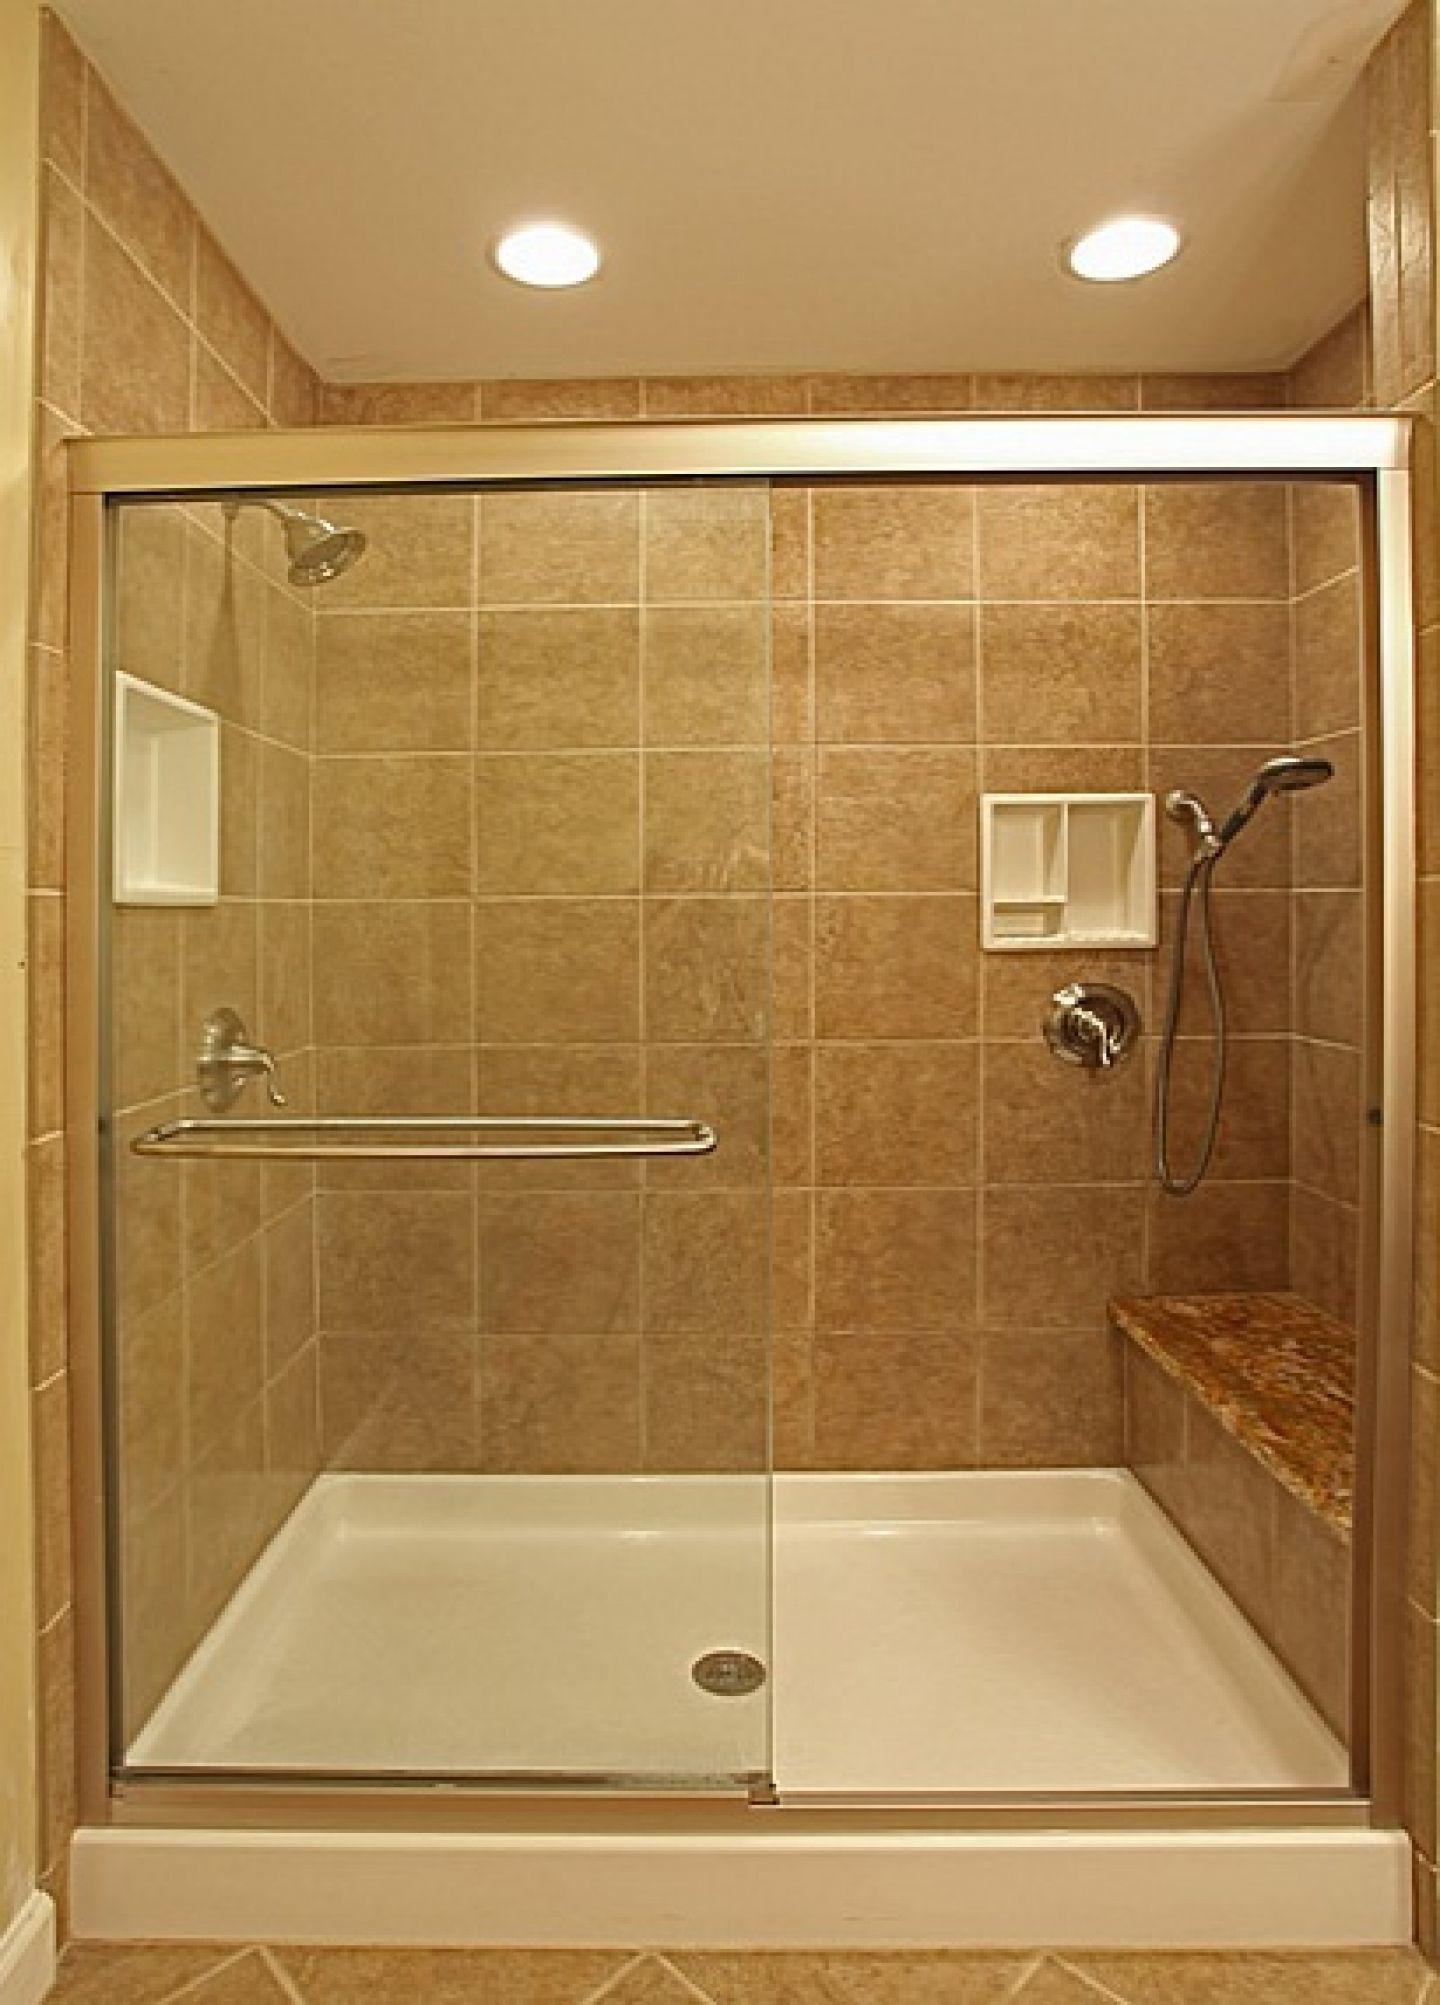 Sliding Door And Bench Bathroom Tile Designs Bathroom Shower Design Small Bathroom With Shower